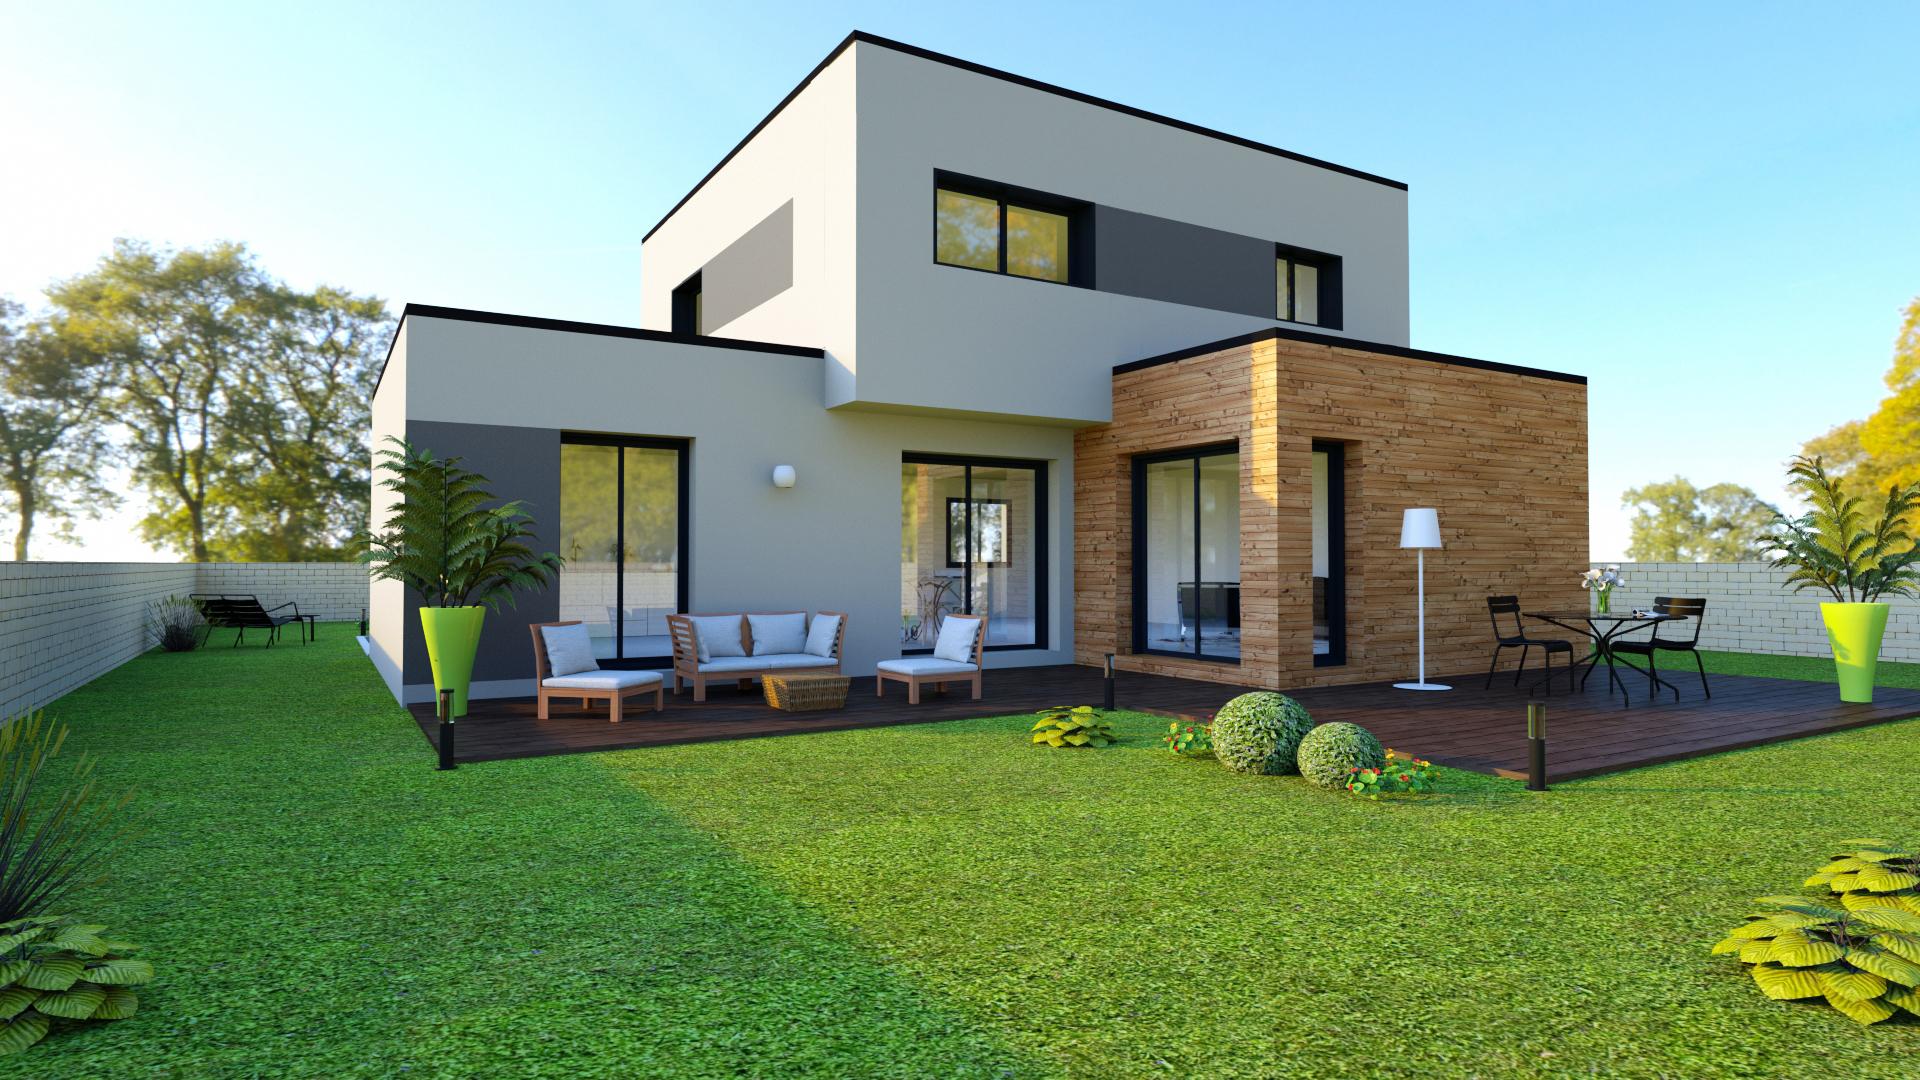 Delta entreprise constructeur agr maisons de qualit for Constructeur de maison 13